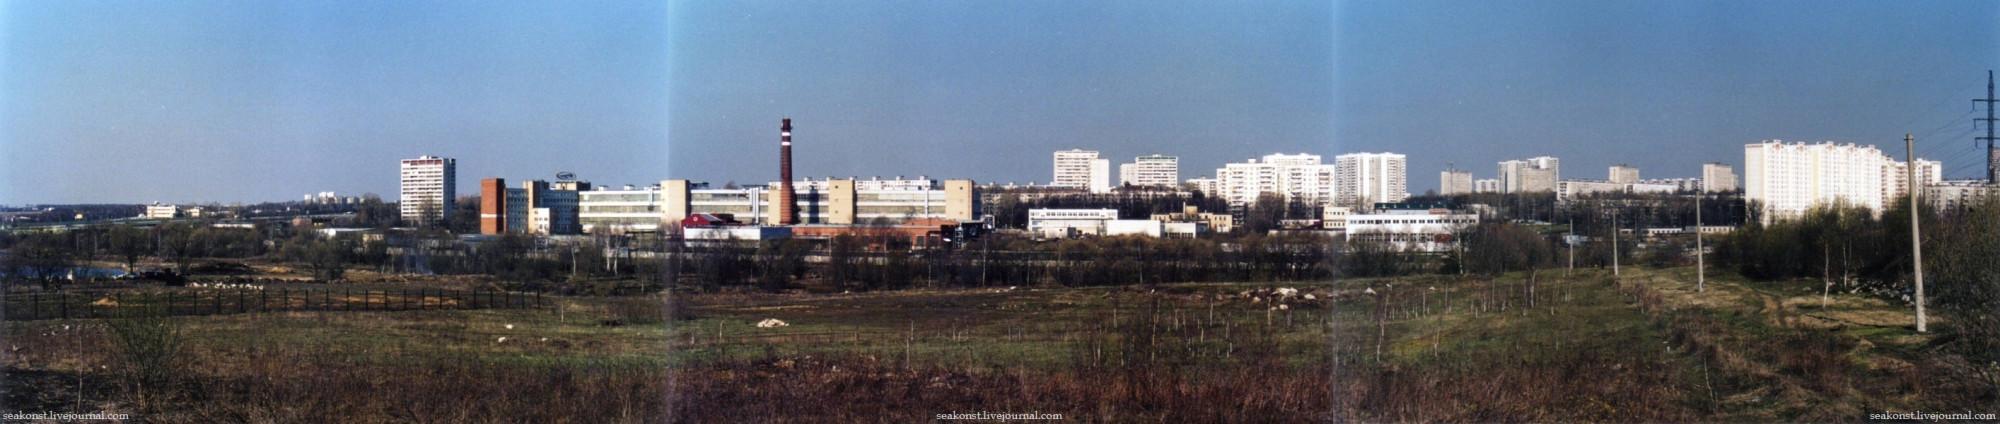 2004 Панорама бывшего имения Троекурово, кожзавода и 95-го квартала района Кунцево